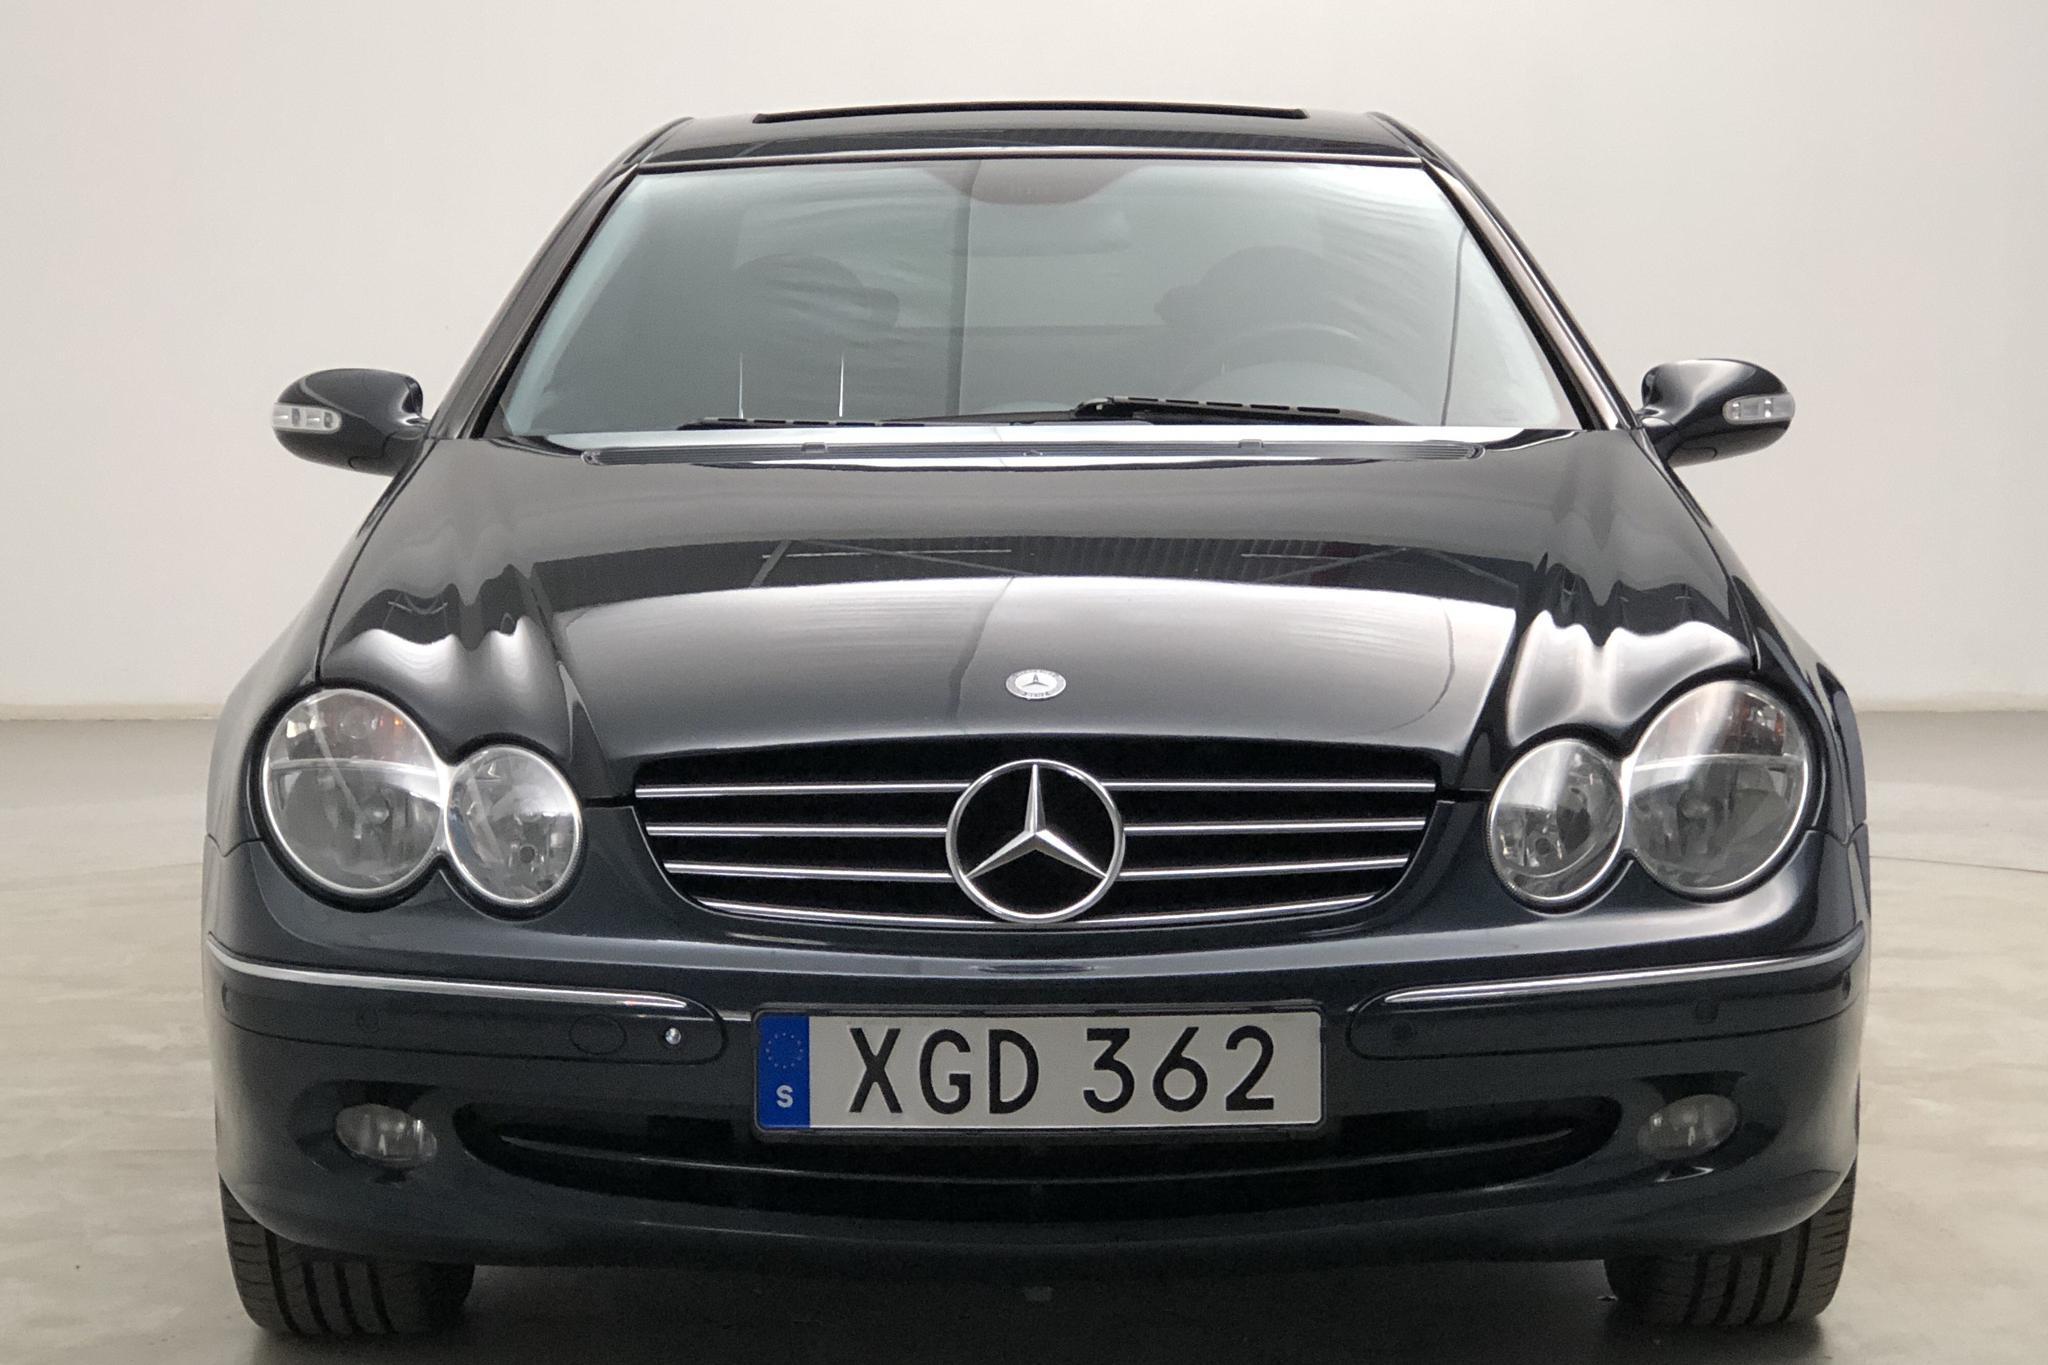 Mercedes CLK 500 C209 (306hk) - 14 392 mil - Automat - svart - 2003